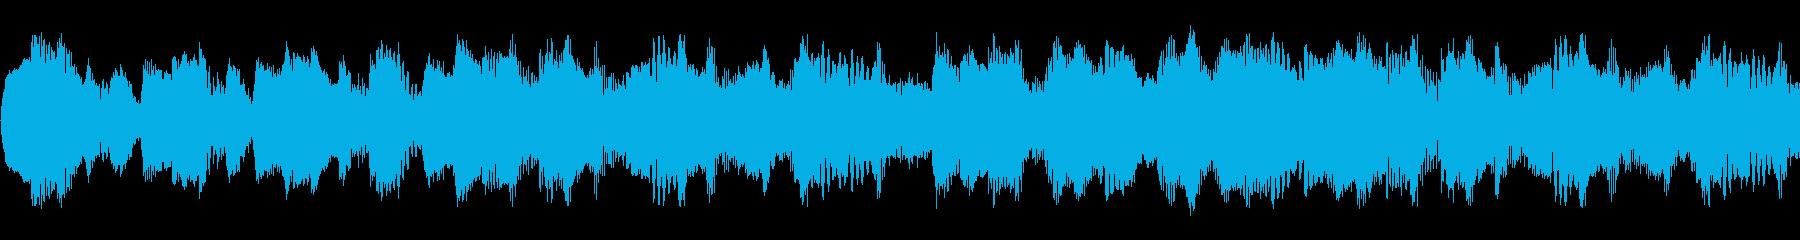 民族調のミステリー・ホラー演出_ループの再生済みの波形